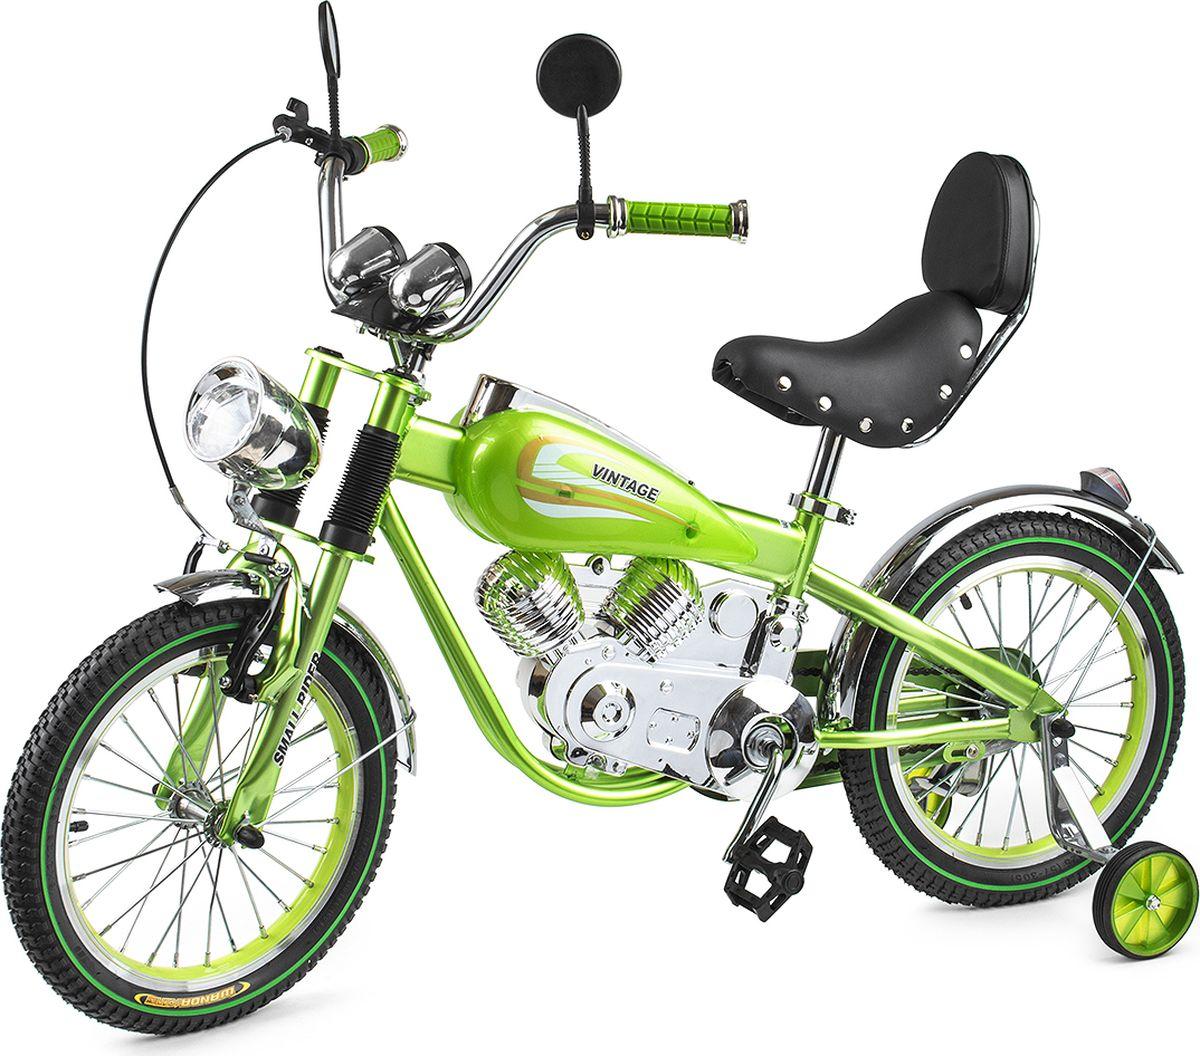 Small Rider Велосипед-мотоцикл детский Motobike Vintage цвет зеленыйMHDR2G/AШикарный и привлекающий взгляды. При первом взгляде на Small Rider Motobike Vintage даже не верится, что это детский велосипед. Он выглядит завораживающе и шикарно. Это,скорее, коллекционный мотоцикл в уменьшенном размере. Все в нем сверкает, блестит и переливается, подчеркивая дороговизну каждого элемента. Стилизация поражает правдоподобностью - мотор, бензобак, спидометр, амортизаторы, сиденье с клепками, фонарь, зеркальца - все как у настоящего мотоцикла! Обучающий детский велосипед. Несмотря на свое великолепие, Мотобайк Винтаж имеет традиционный функционал детского велосипеда и легко приводится в движение с помощью педалей. Очень важно - в комплекте идут поддерживающие колесики, которые помогут ребенку привыкнут к велосипеду и научиться одновременно рулить и крутить педали. Он подойдет детям уже с 4-х лет. Так что, Small Rider Motobike Vintage - отличный вариант, чтобы научиться кататься на велосипеде, причем сделать это с шиком, вызвав удивление и белую зависть в парке или на детской площадке! Безопасность и удобство. За безопасность, опять-таки, отвечают дополнительные съемные боковые колесики, а также два тормоза: ручной и ножной. Повышенный комфорт. Помимо эстетического удовольствия от взгляда на велосипед и обладания им, Мотобайк Винтаж еще и комфортно водить. Надувные резиновые колеса 16-радиуса на спицах бесшумно и плавно катятся, комфортное большое мягкое сиденье имеет еще и спинку! Высота сиденья может регулироваться под рост Вашего ребенка. Катание в удовольствие. В отличие от традиционных (скучных) двухколесных велосипедов катание на Small Rider Motobike Vintage добавит новую искорку, превратит езду в игру в байкеров или путешествие по хайвэю.